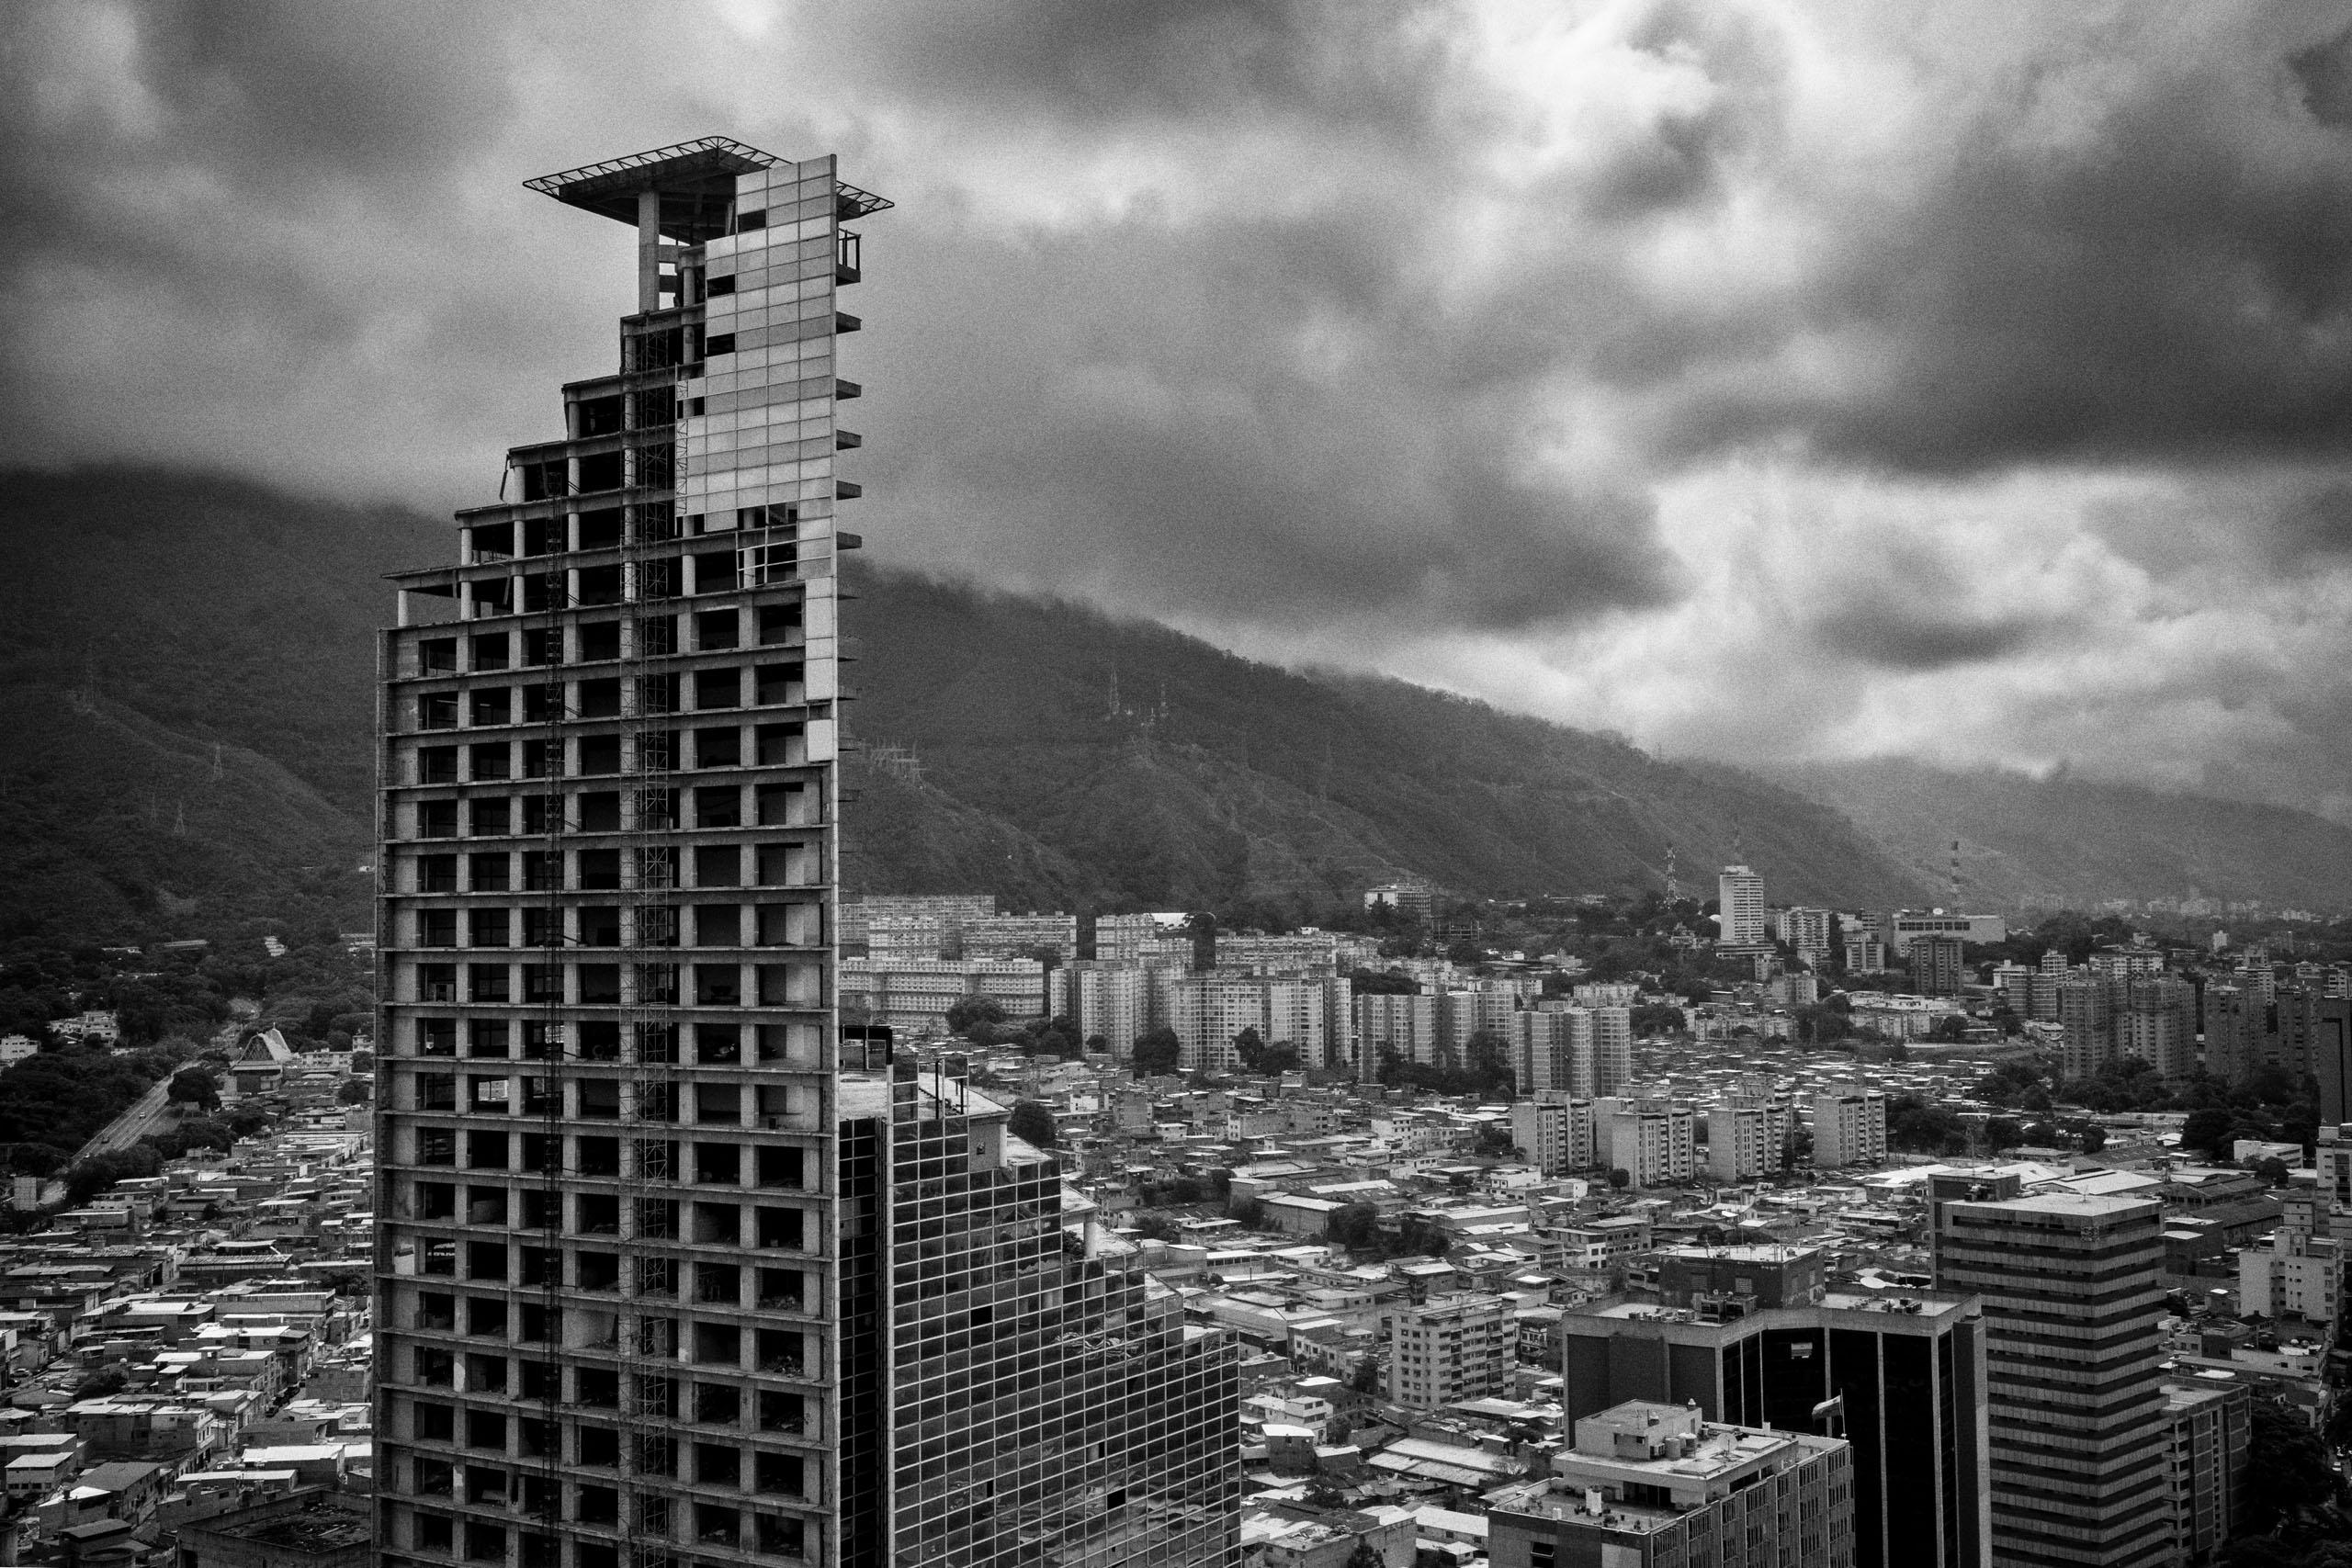 Torre David Башня Давида Каракас